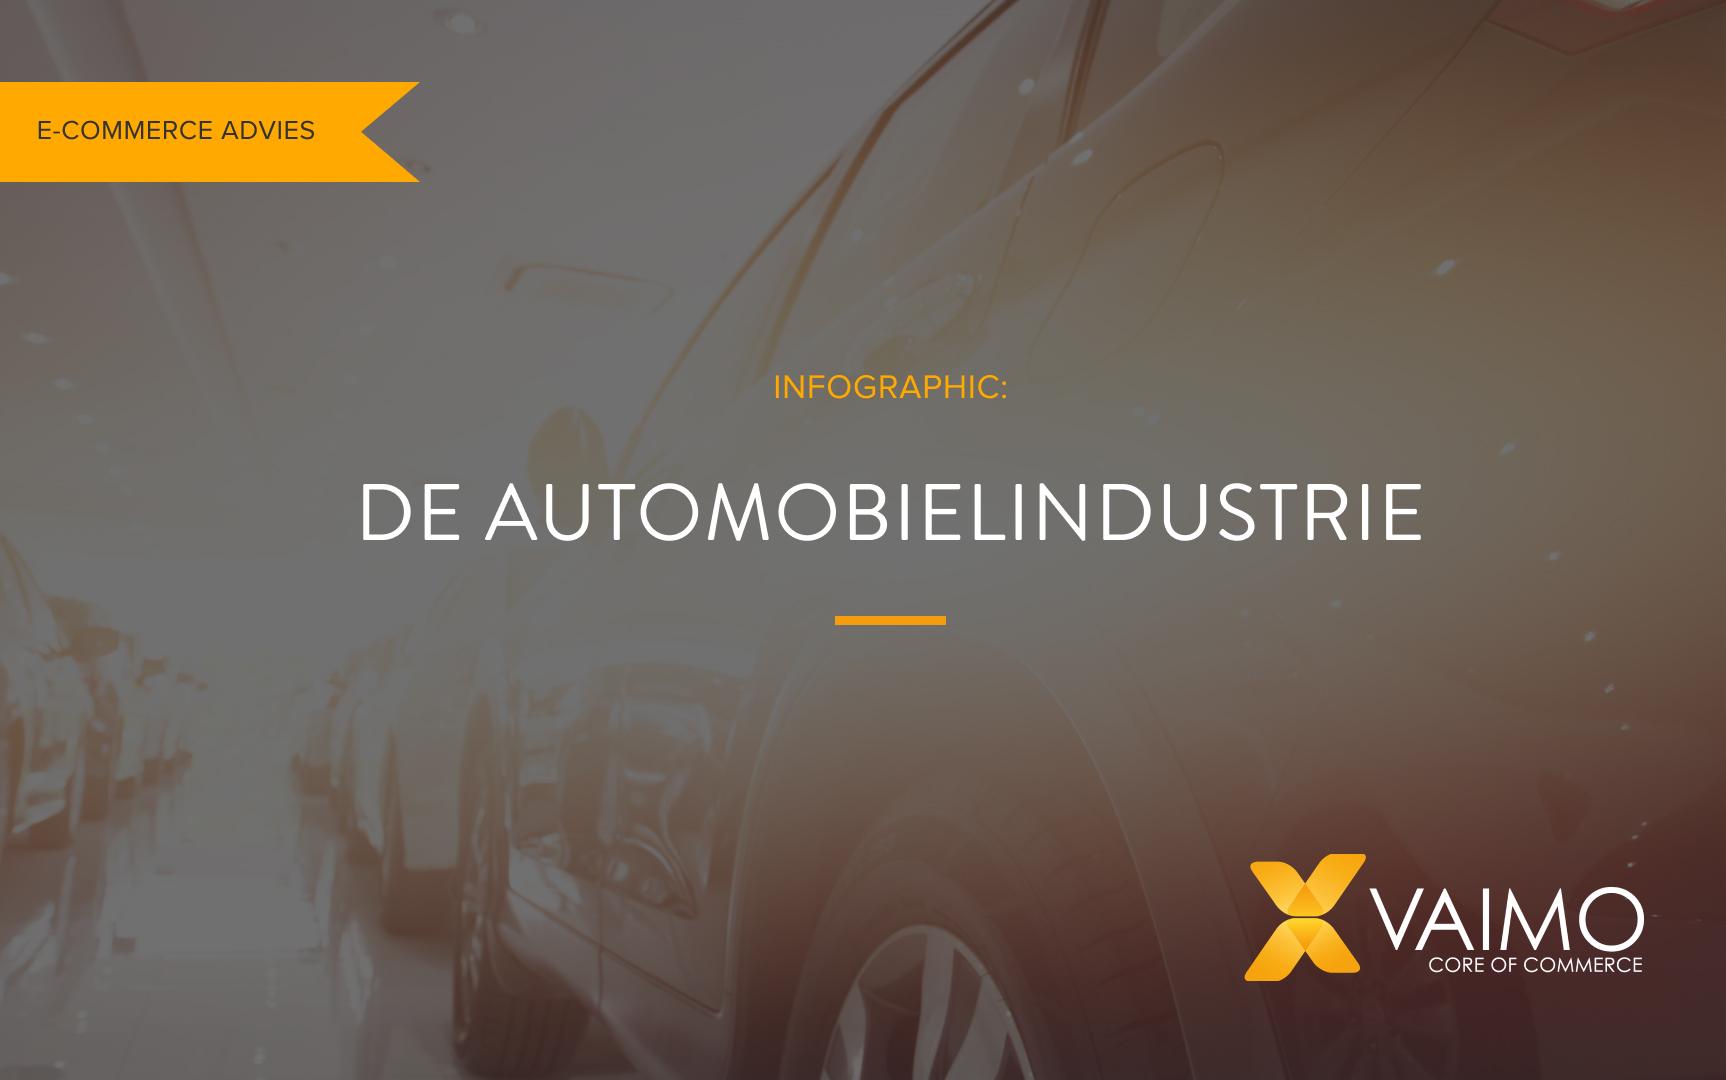 Infographic: de automobielindustrie